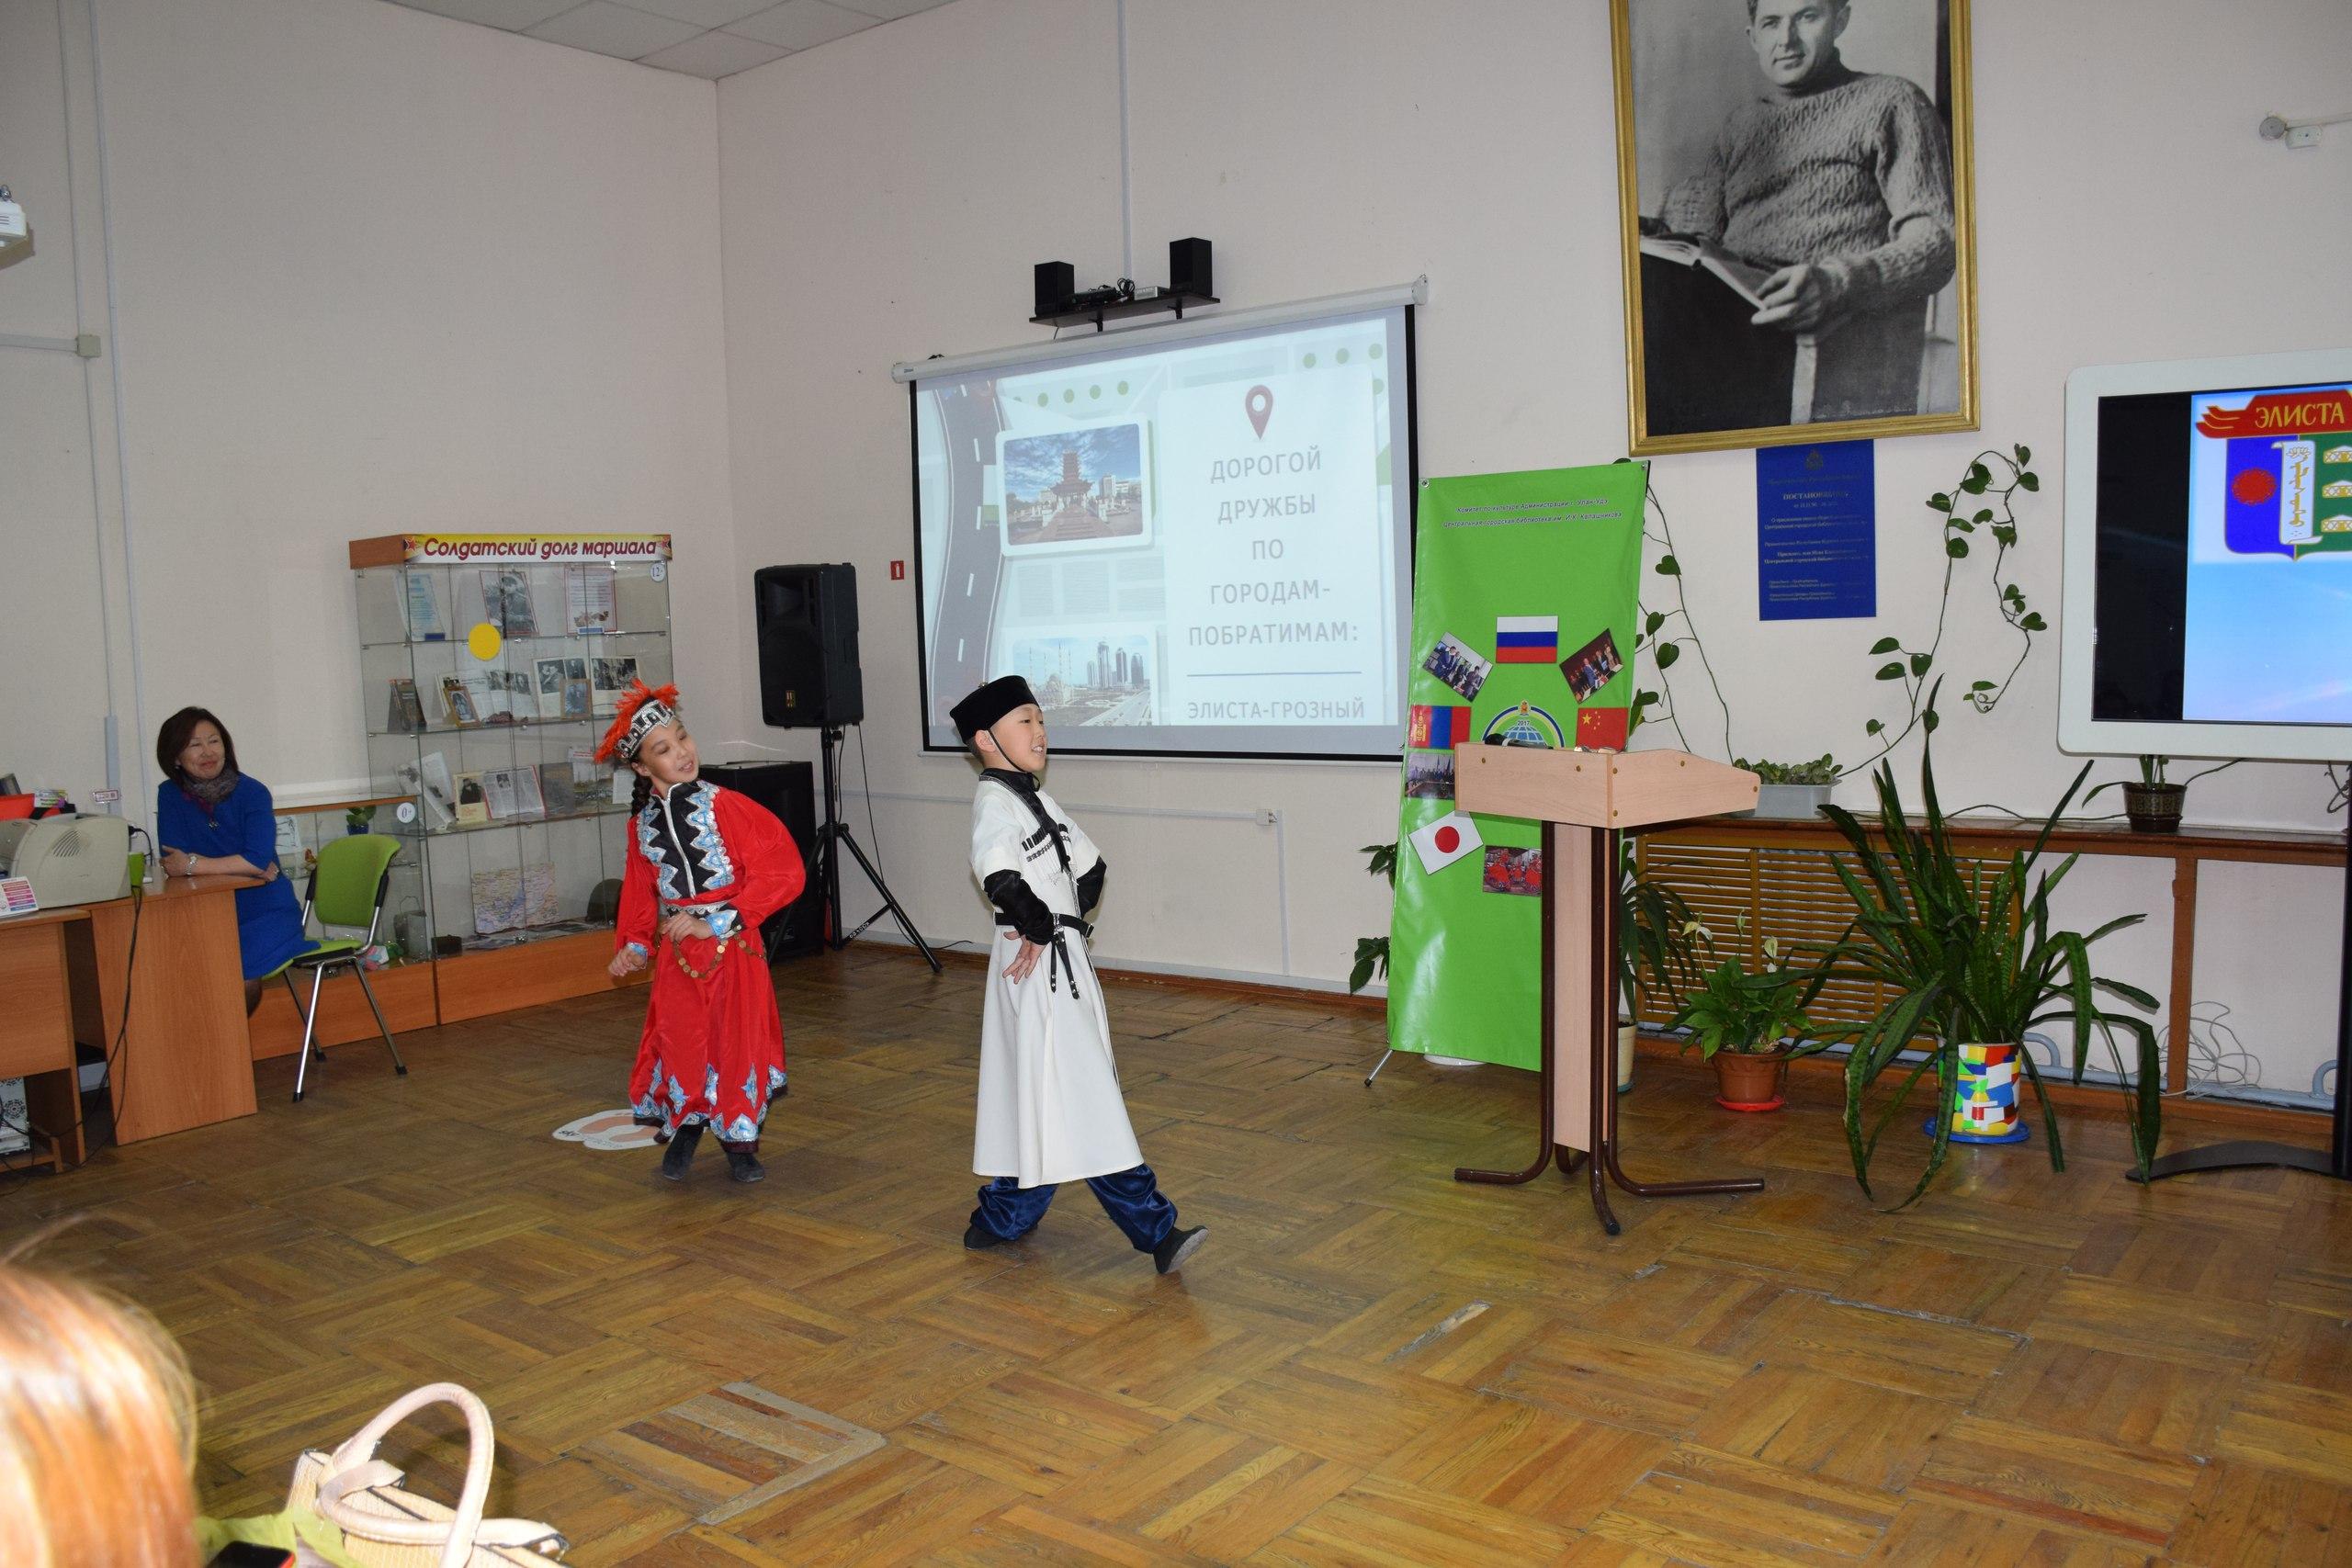 «Дорогой дружбы по городам-побратимам» г. Элиста, г. Грозный